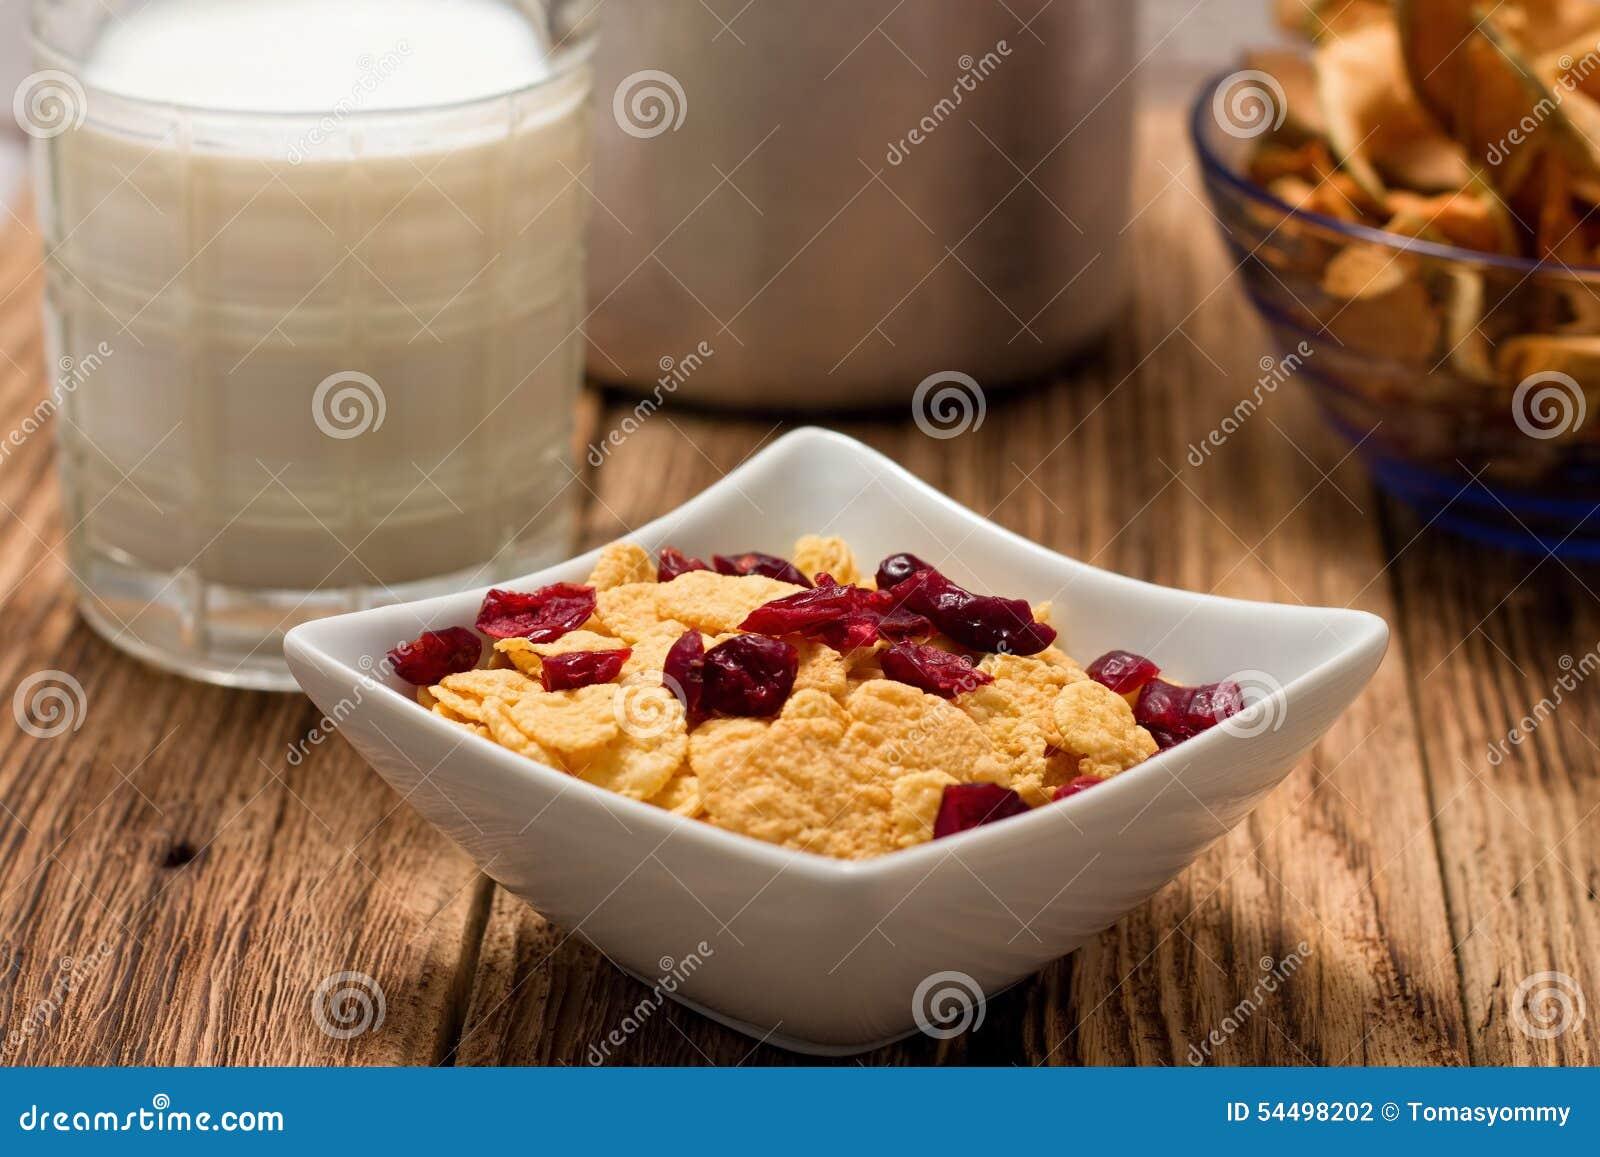 Σύγχρονο τετραγωνικό κύπελλο με τα δημητριακά μπροστά από το ποτήρι του γάλακτος